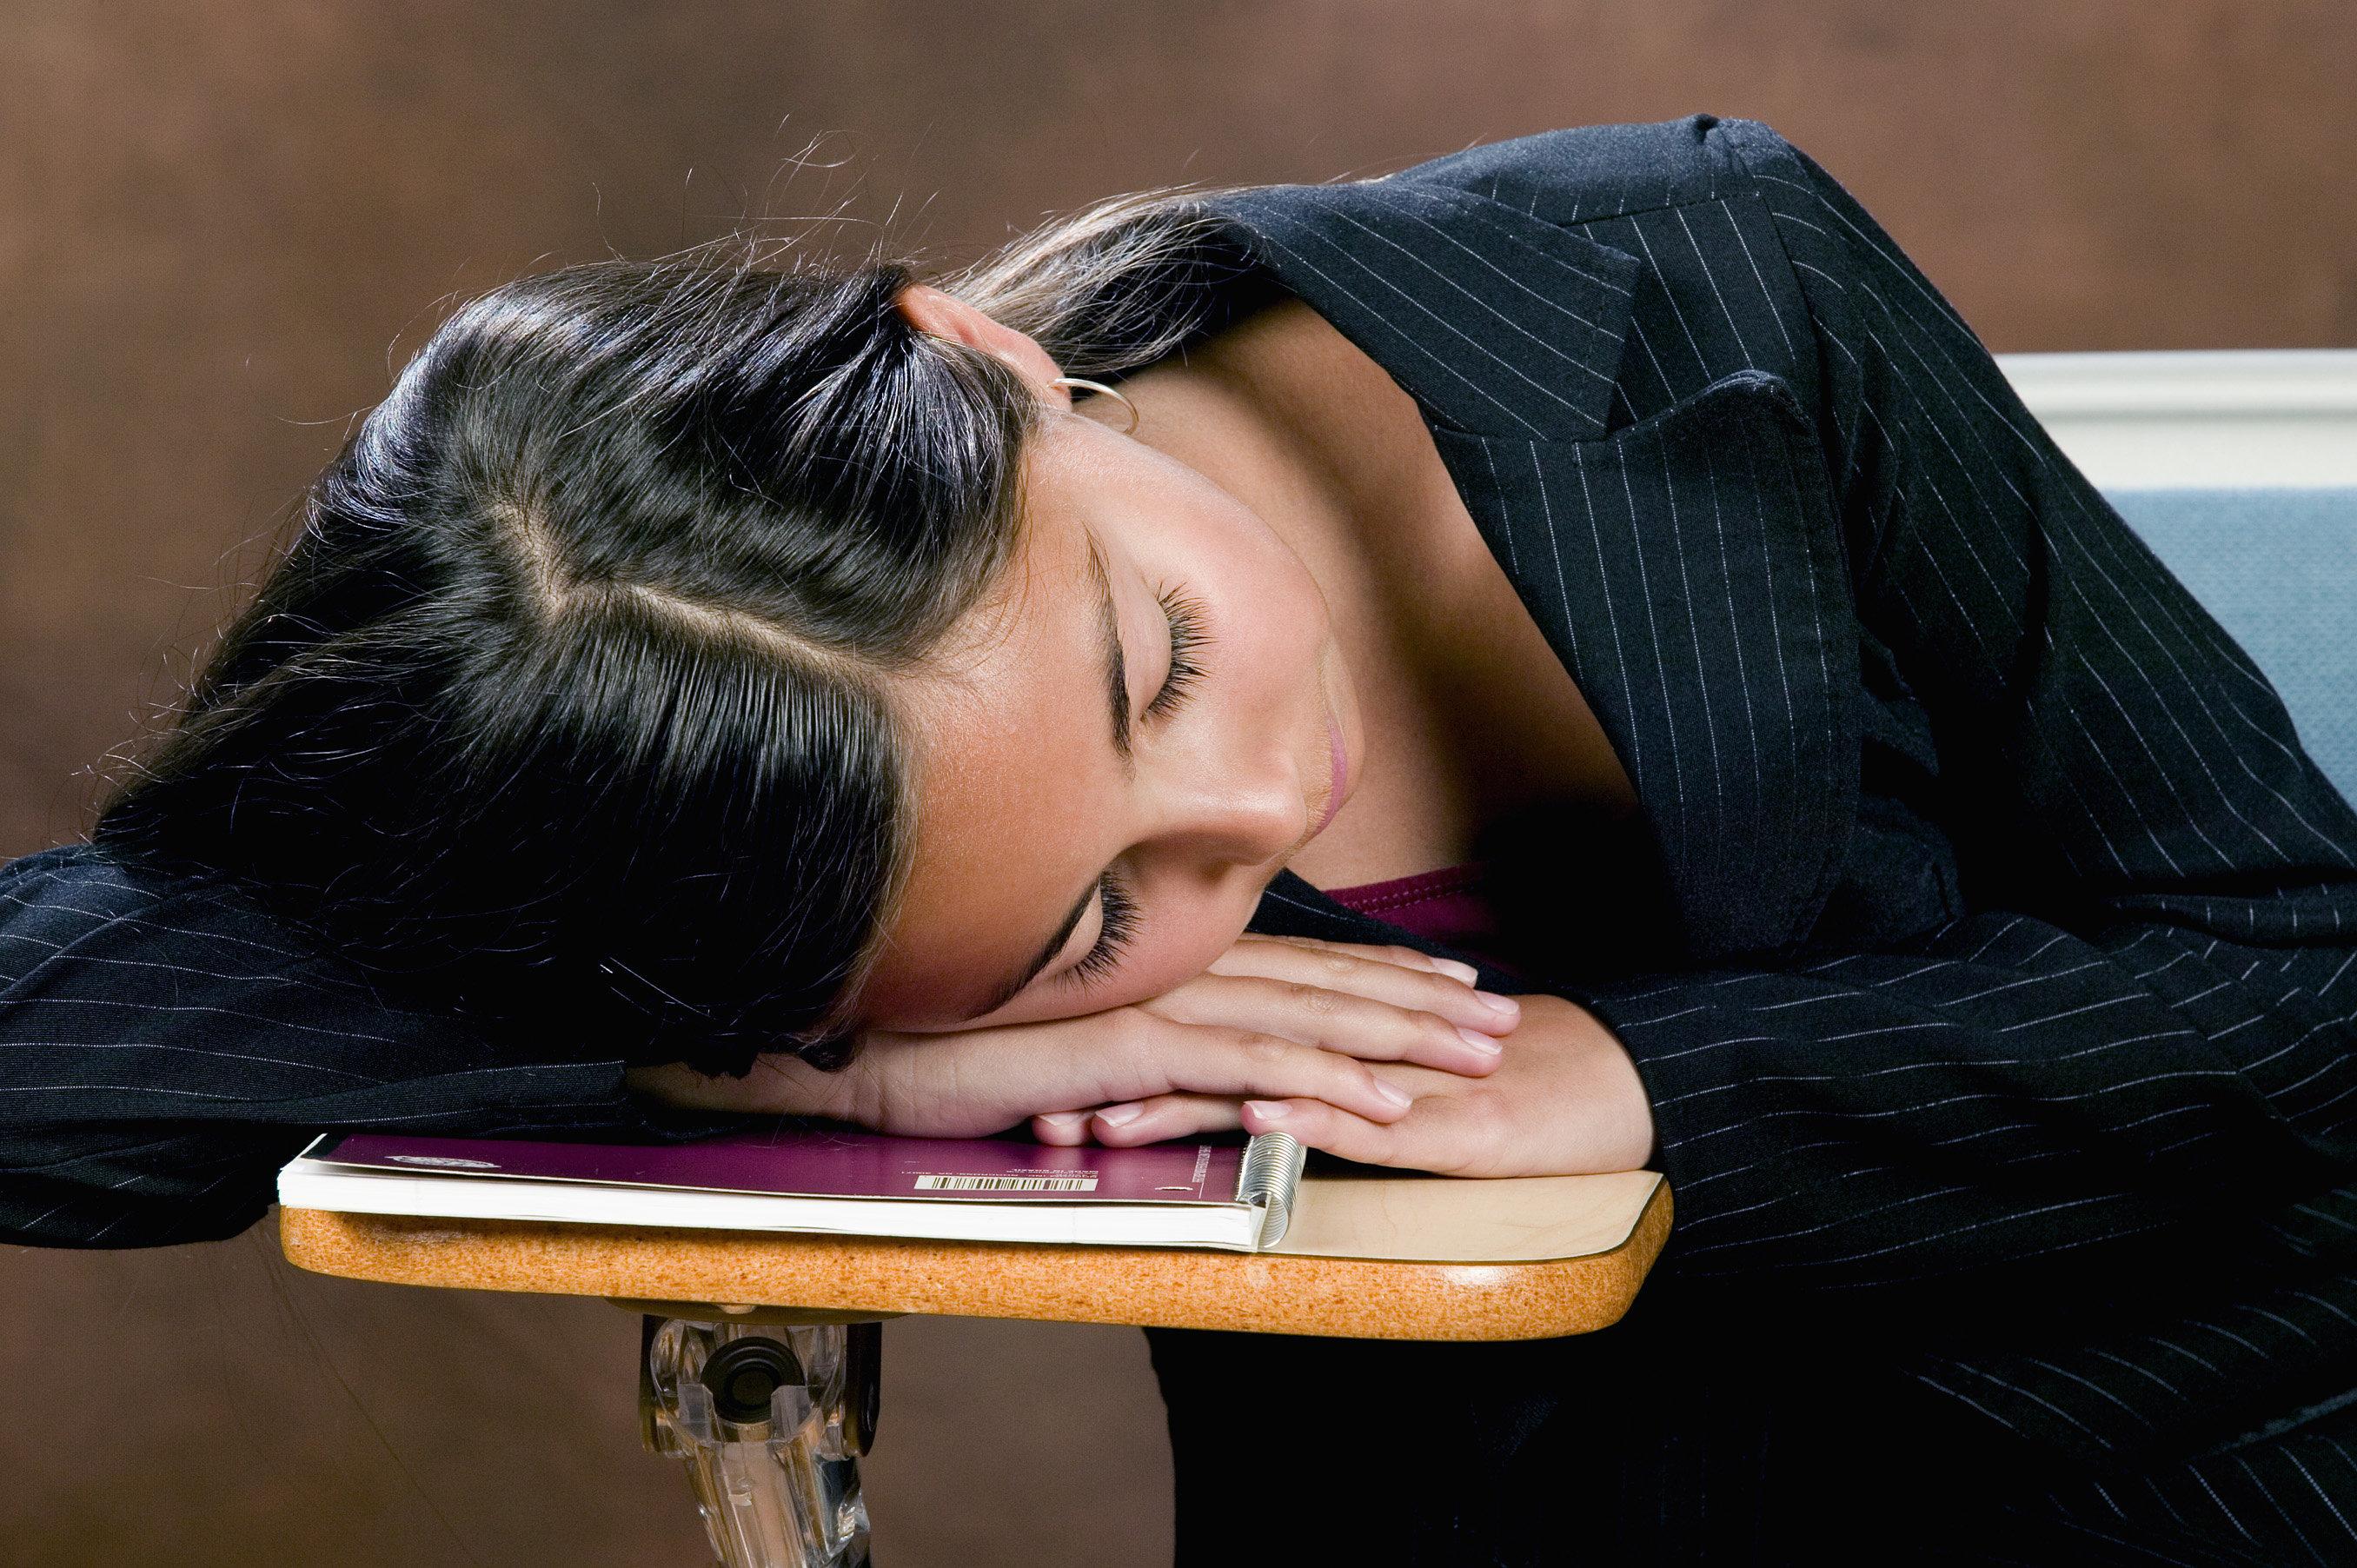 Teenage girl sleeping at desk